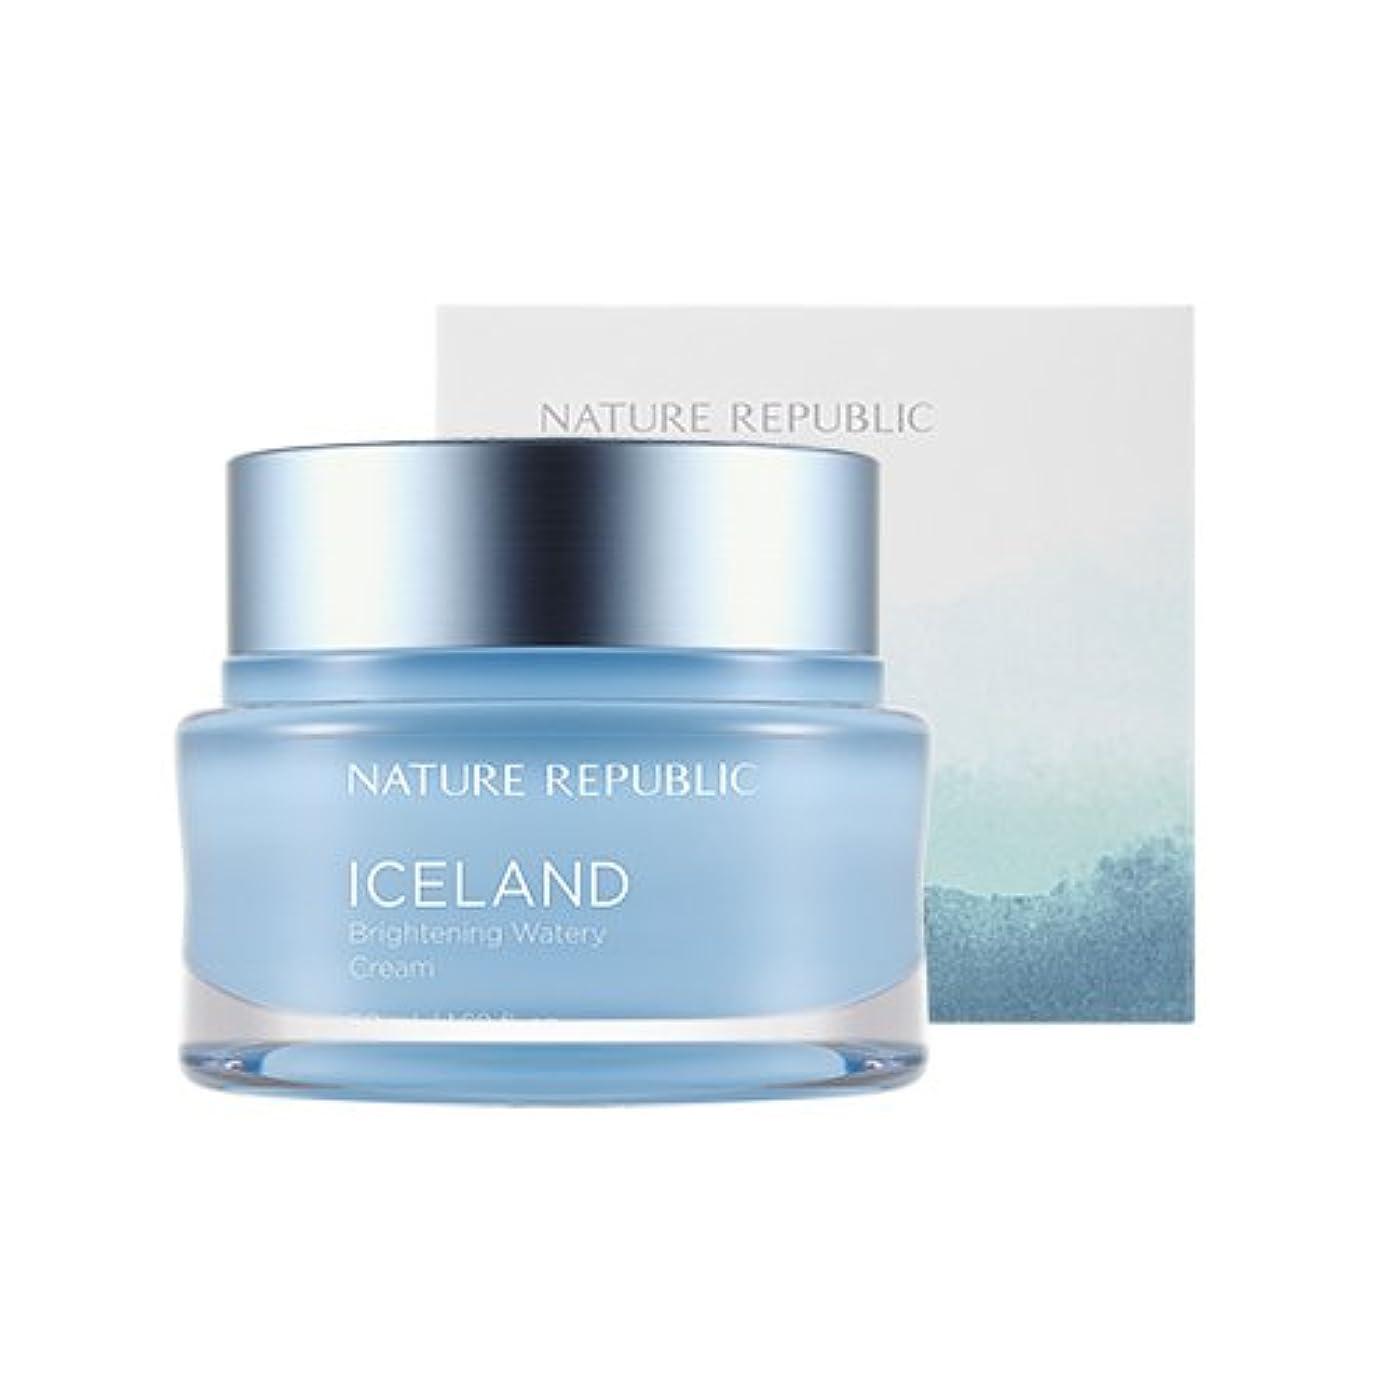 嵐が丘チャネル人気Nature Republic Iceland Brightening Watery Cream 50ml / ネイチャーリパブリック アイスランドランドブライトニング水分クリーム 50ml [並行輸入品]